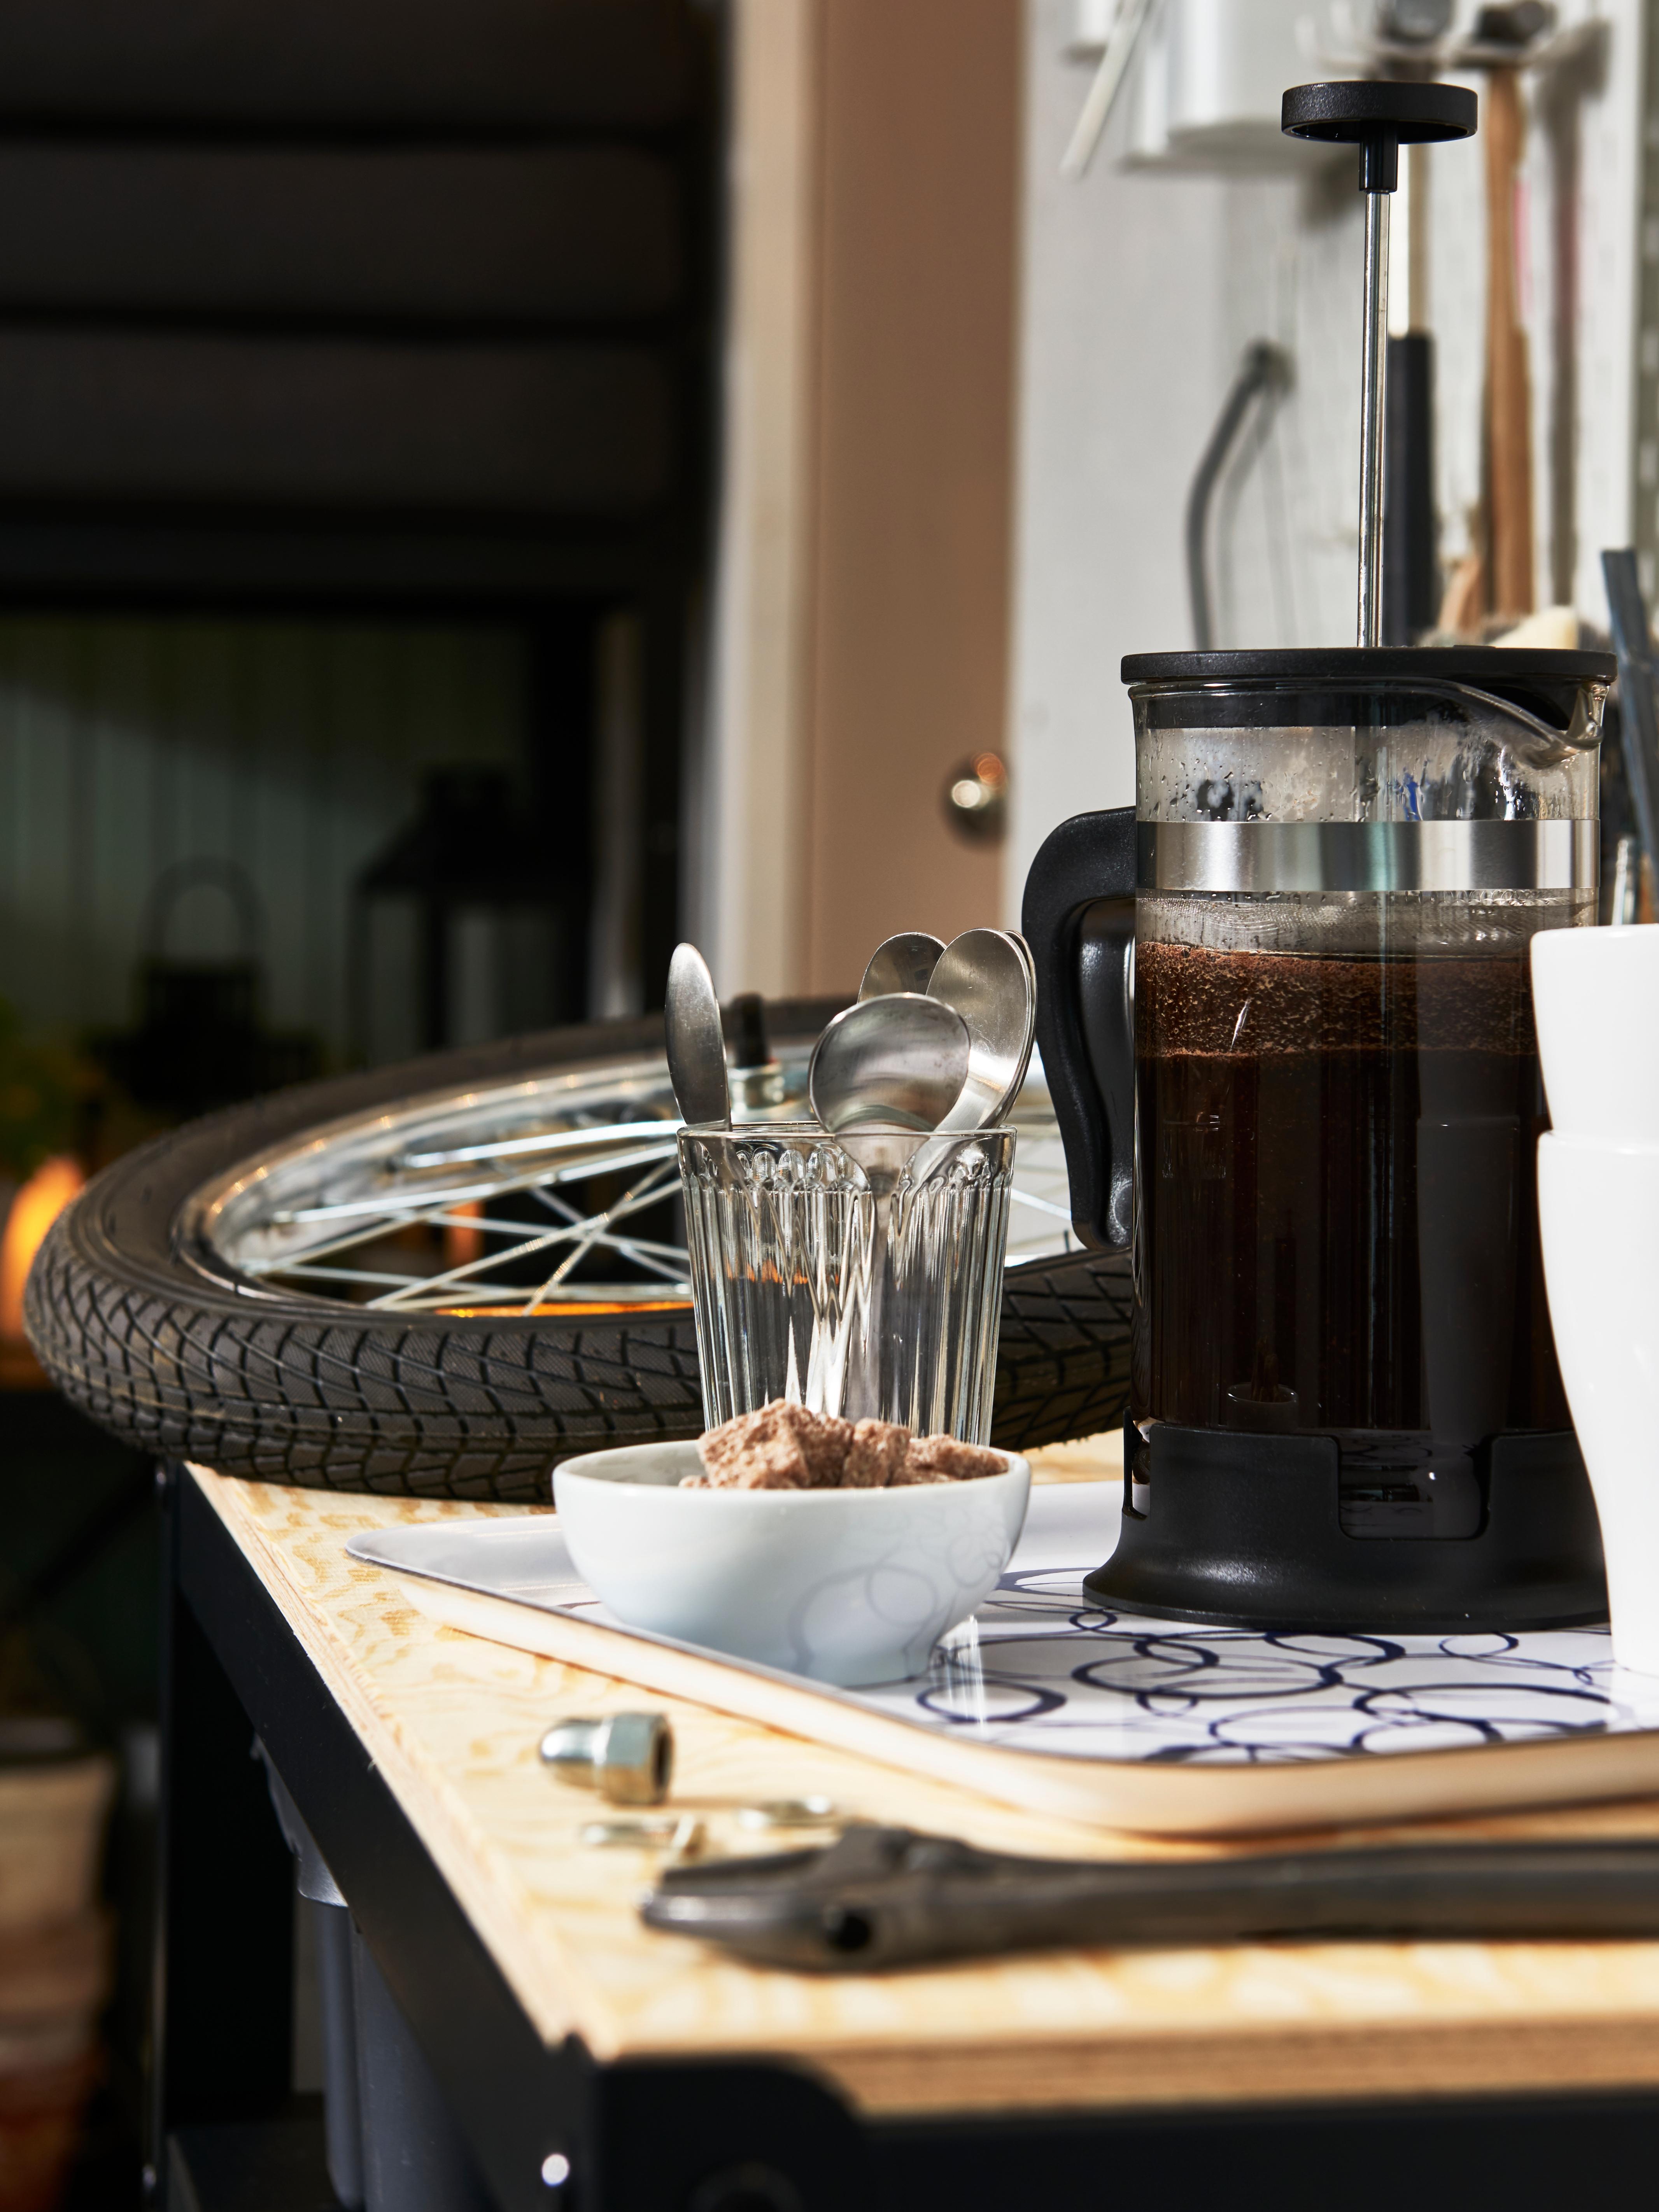 Vassoio MEDLEM bianco con disegni circolari blu, caffettiera e due tazze, accanto a uno pneumatico e vari attrezzi sul piano di lavoro di un garage.